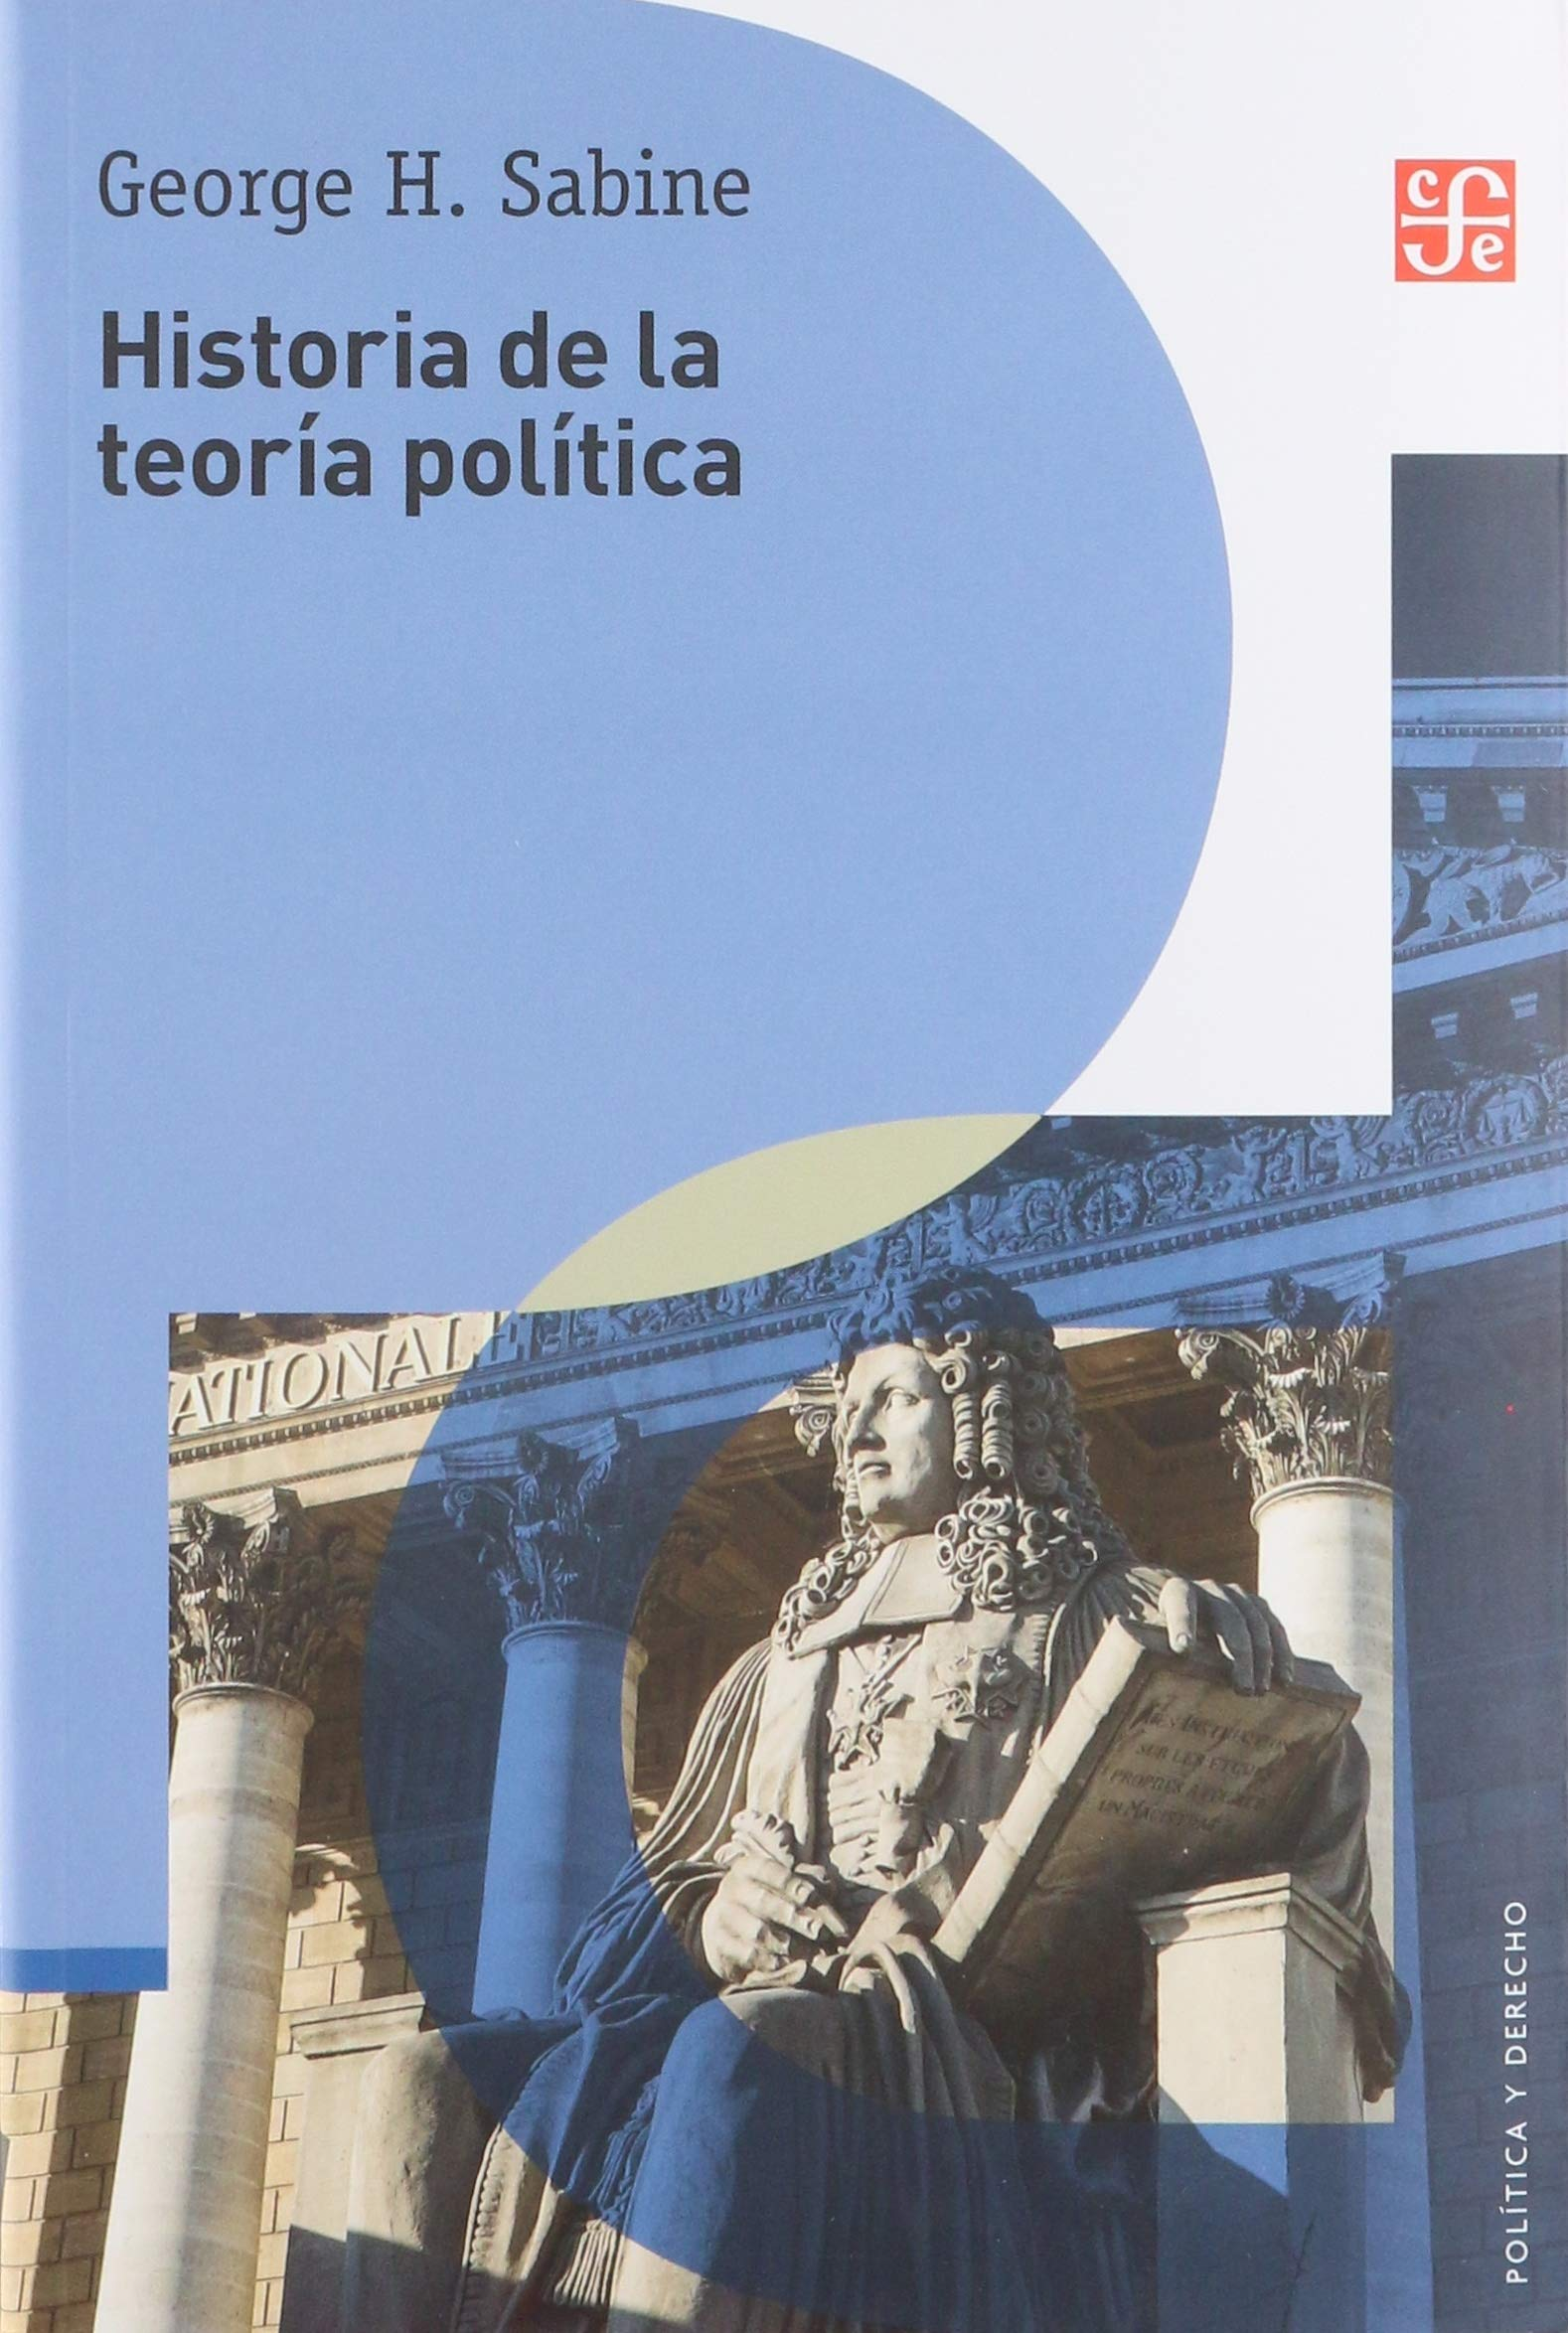 Historia de la teoría política (Política y derecho): Amazon.es: Sabine, George: Libros